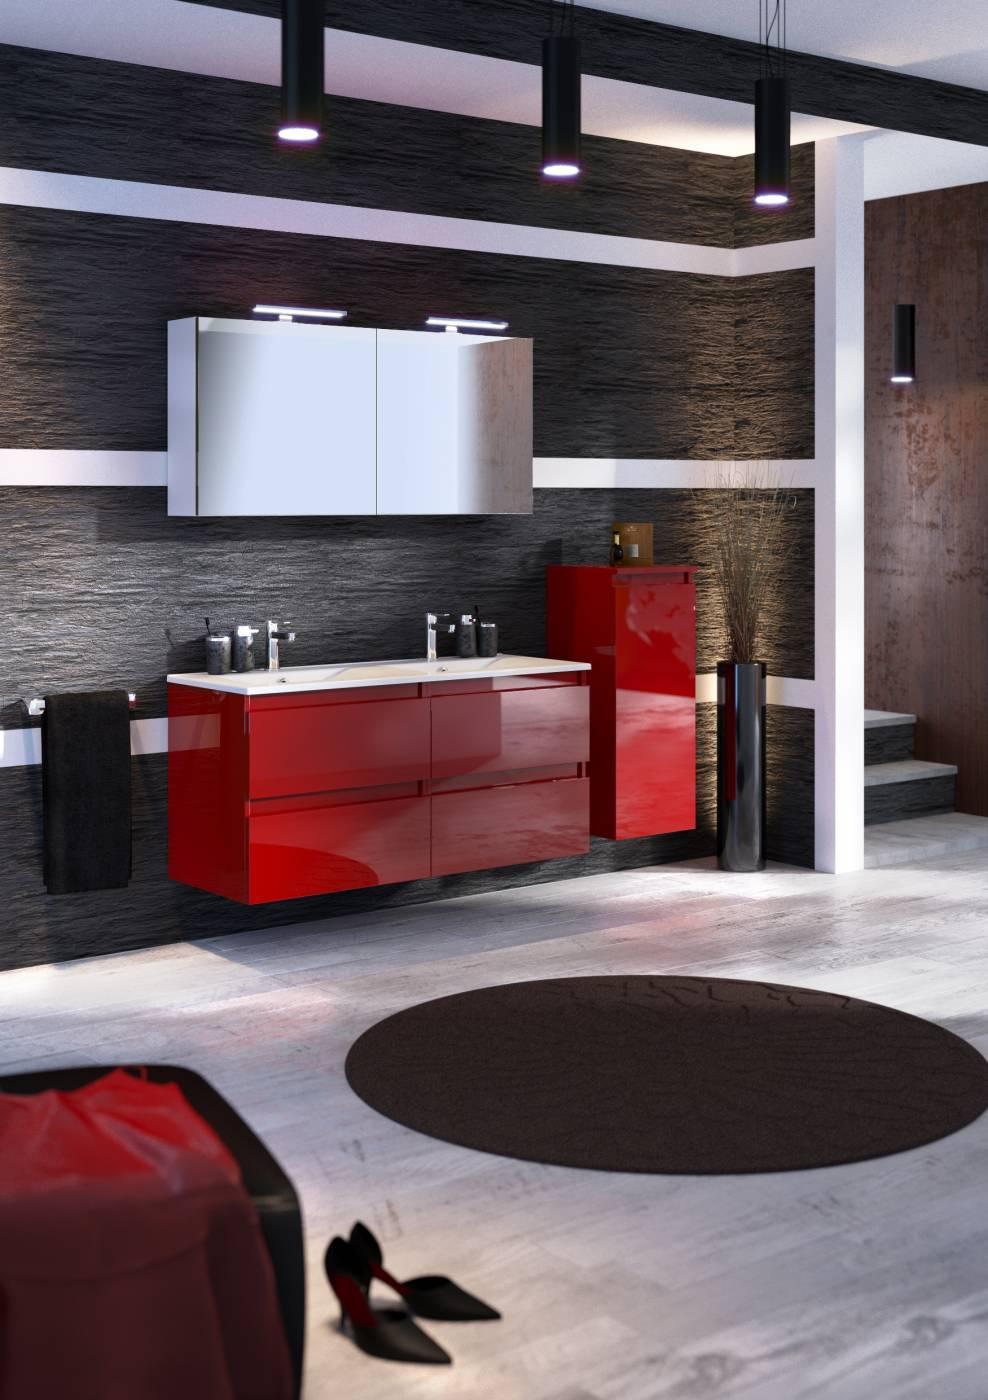 Vente de meuble suspendu pour salle de bains rivage for Carrelage rouge pour salle de bain